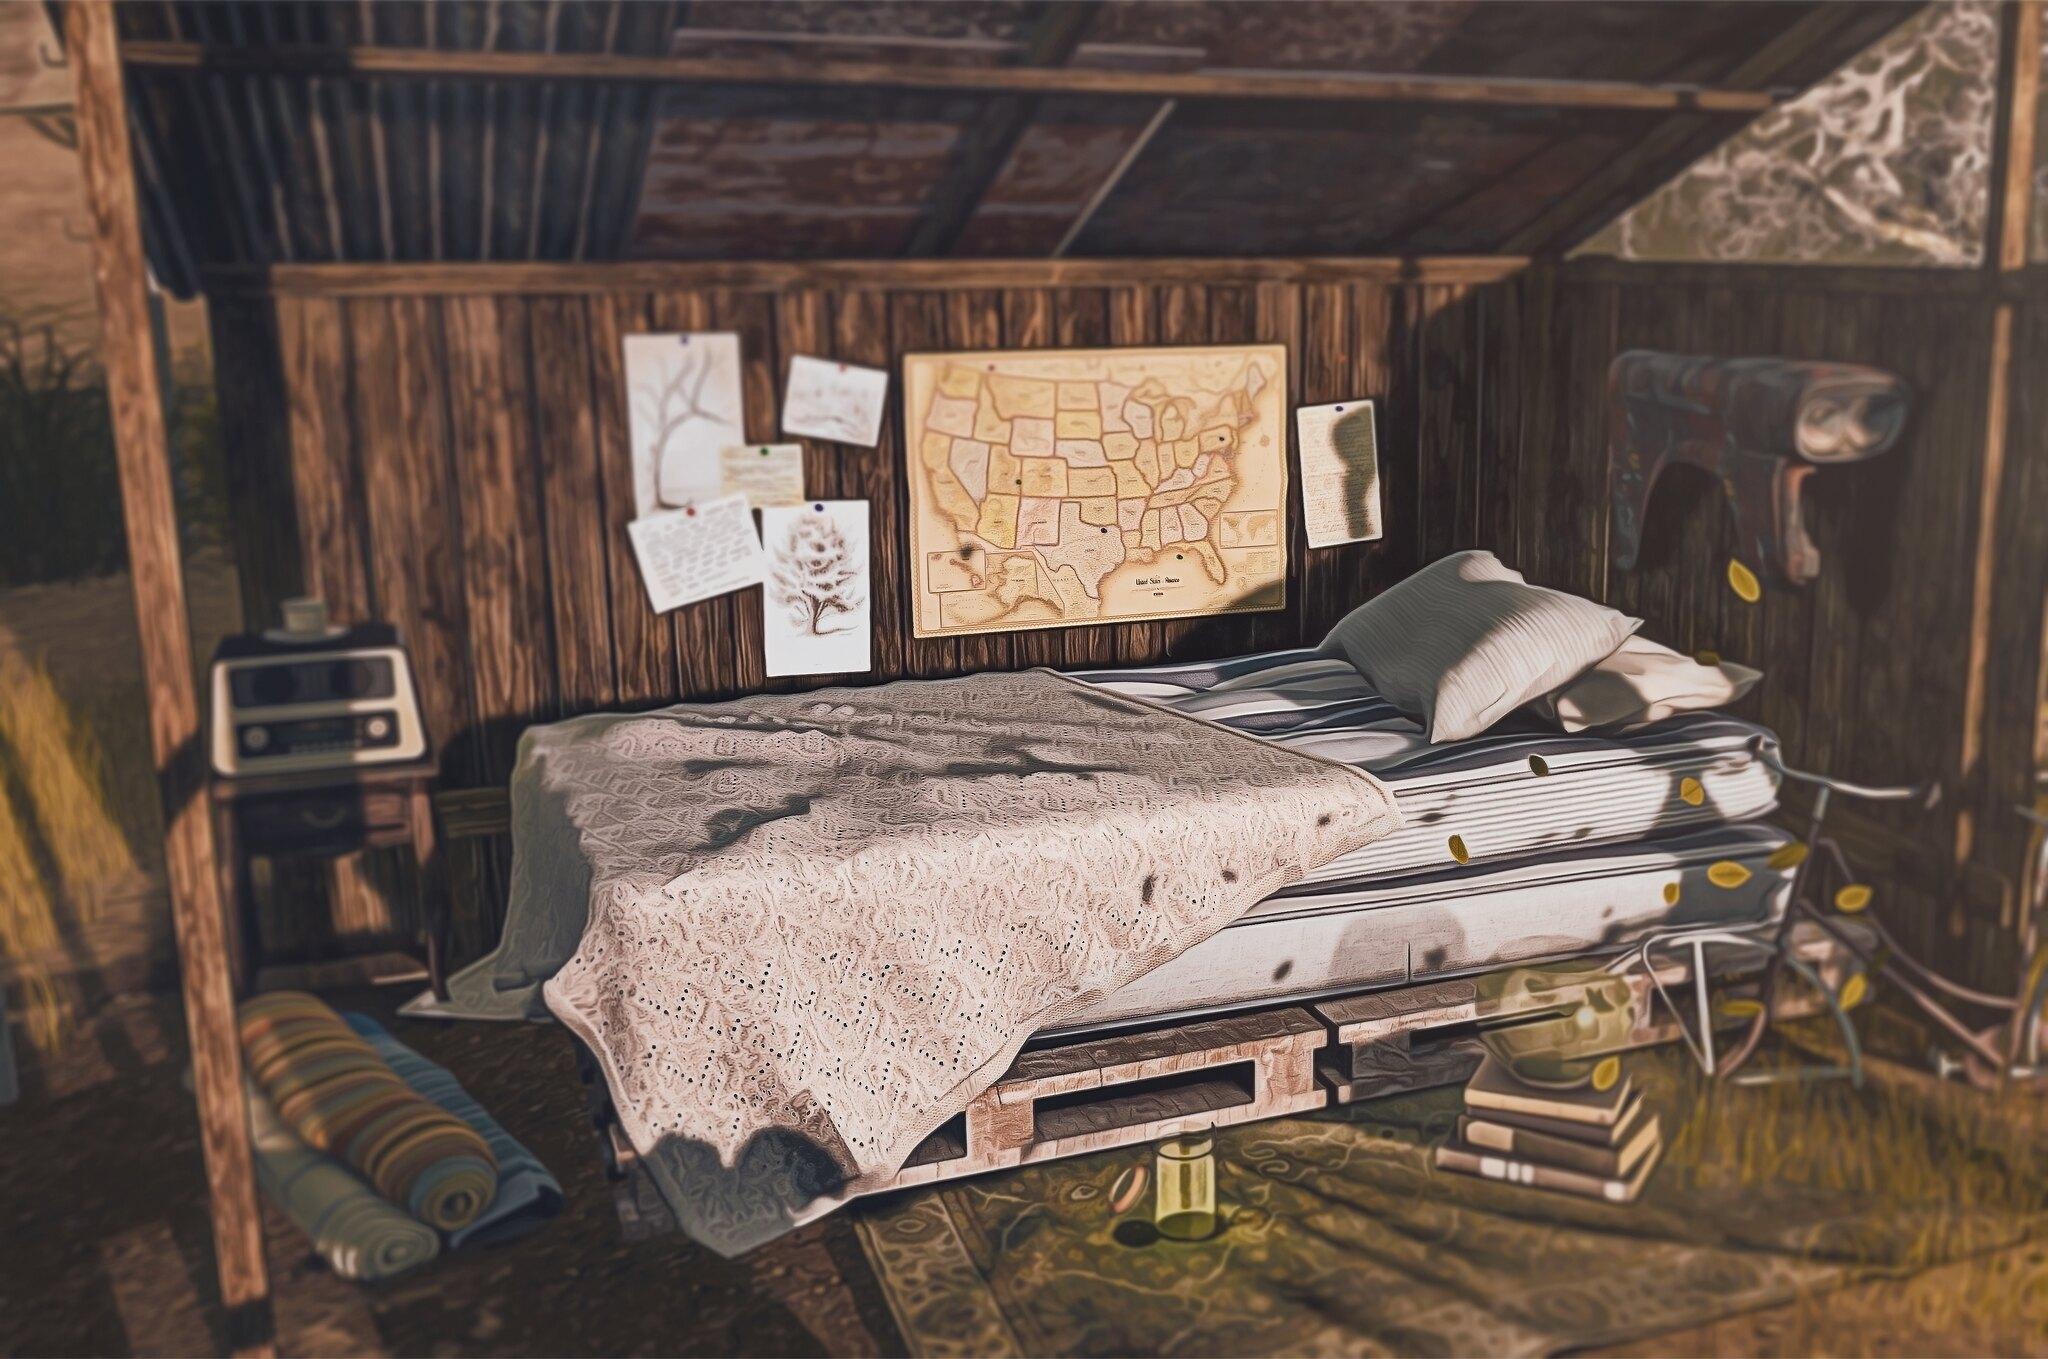 Glamorous Furniture//Old Shed Set